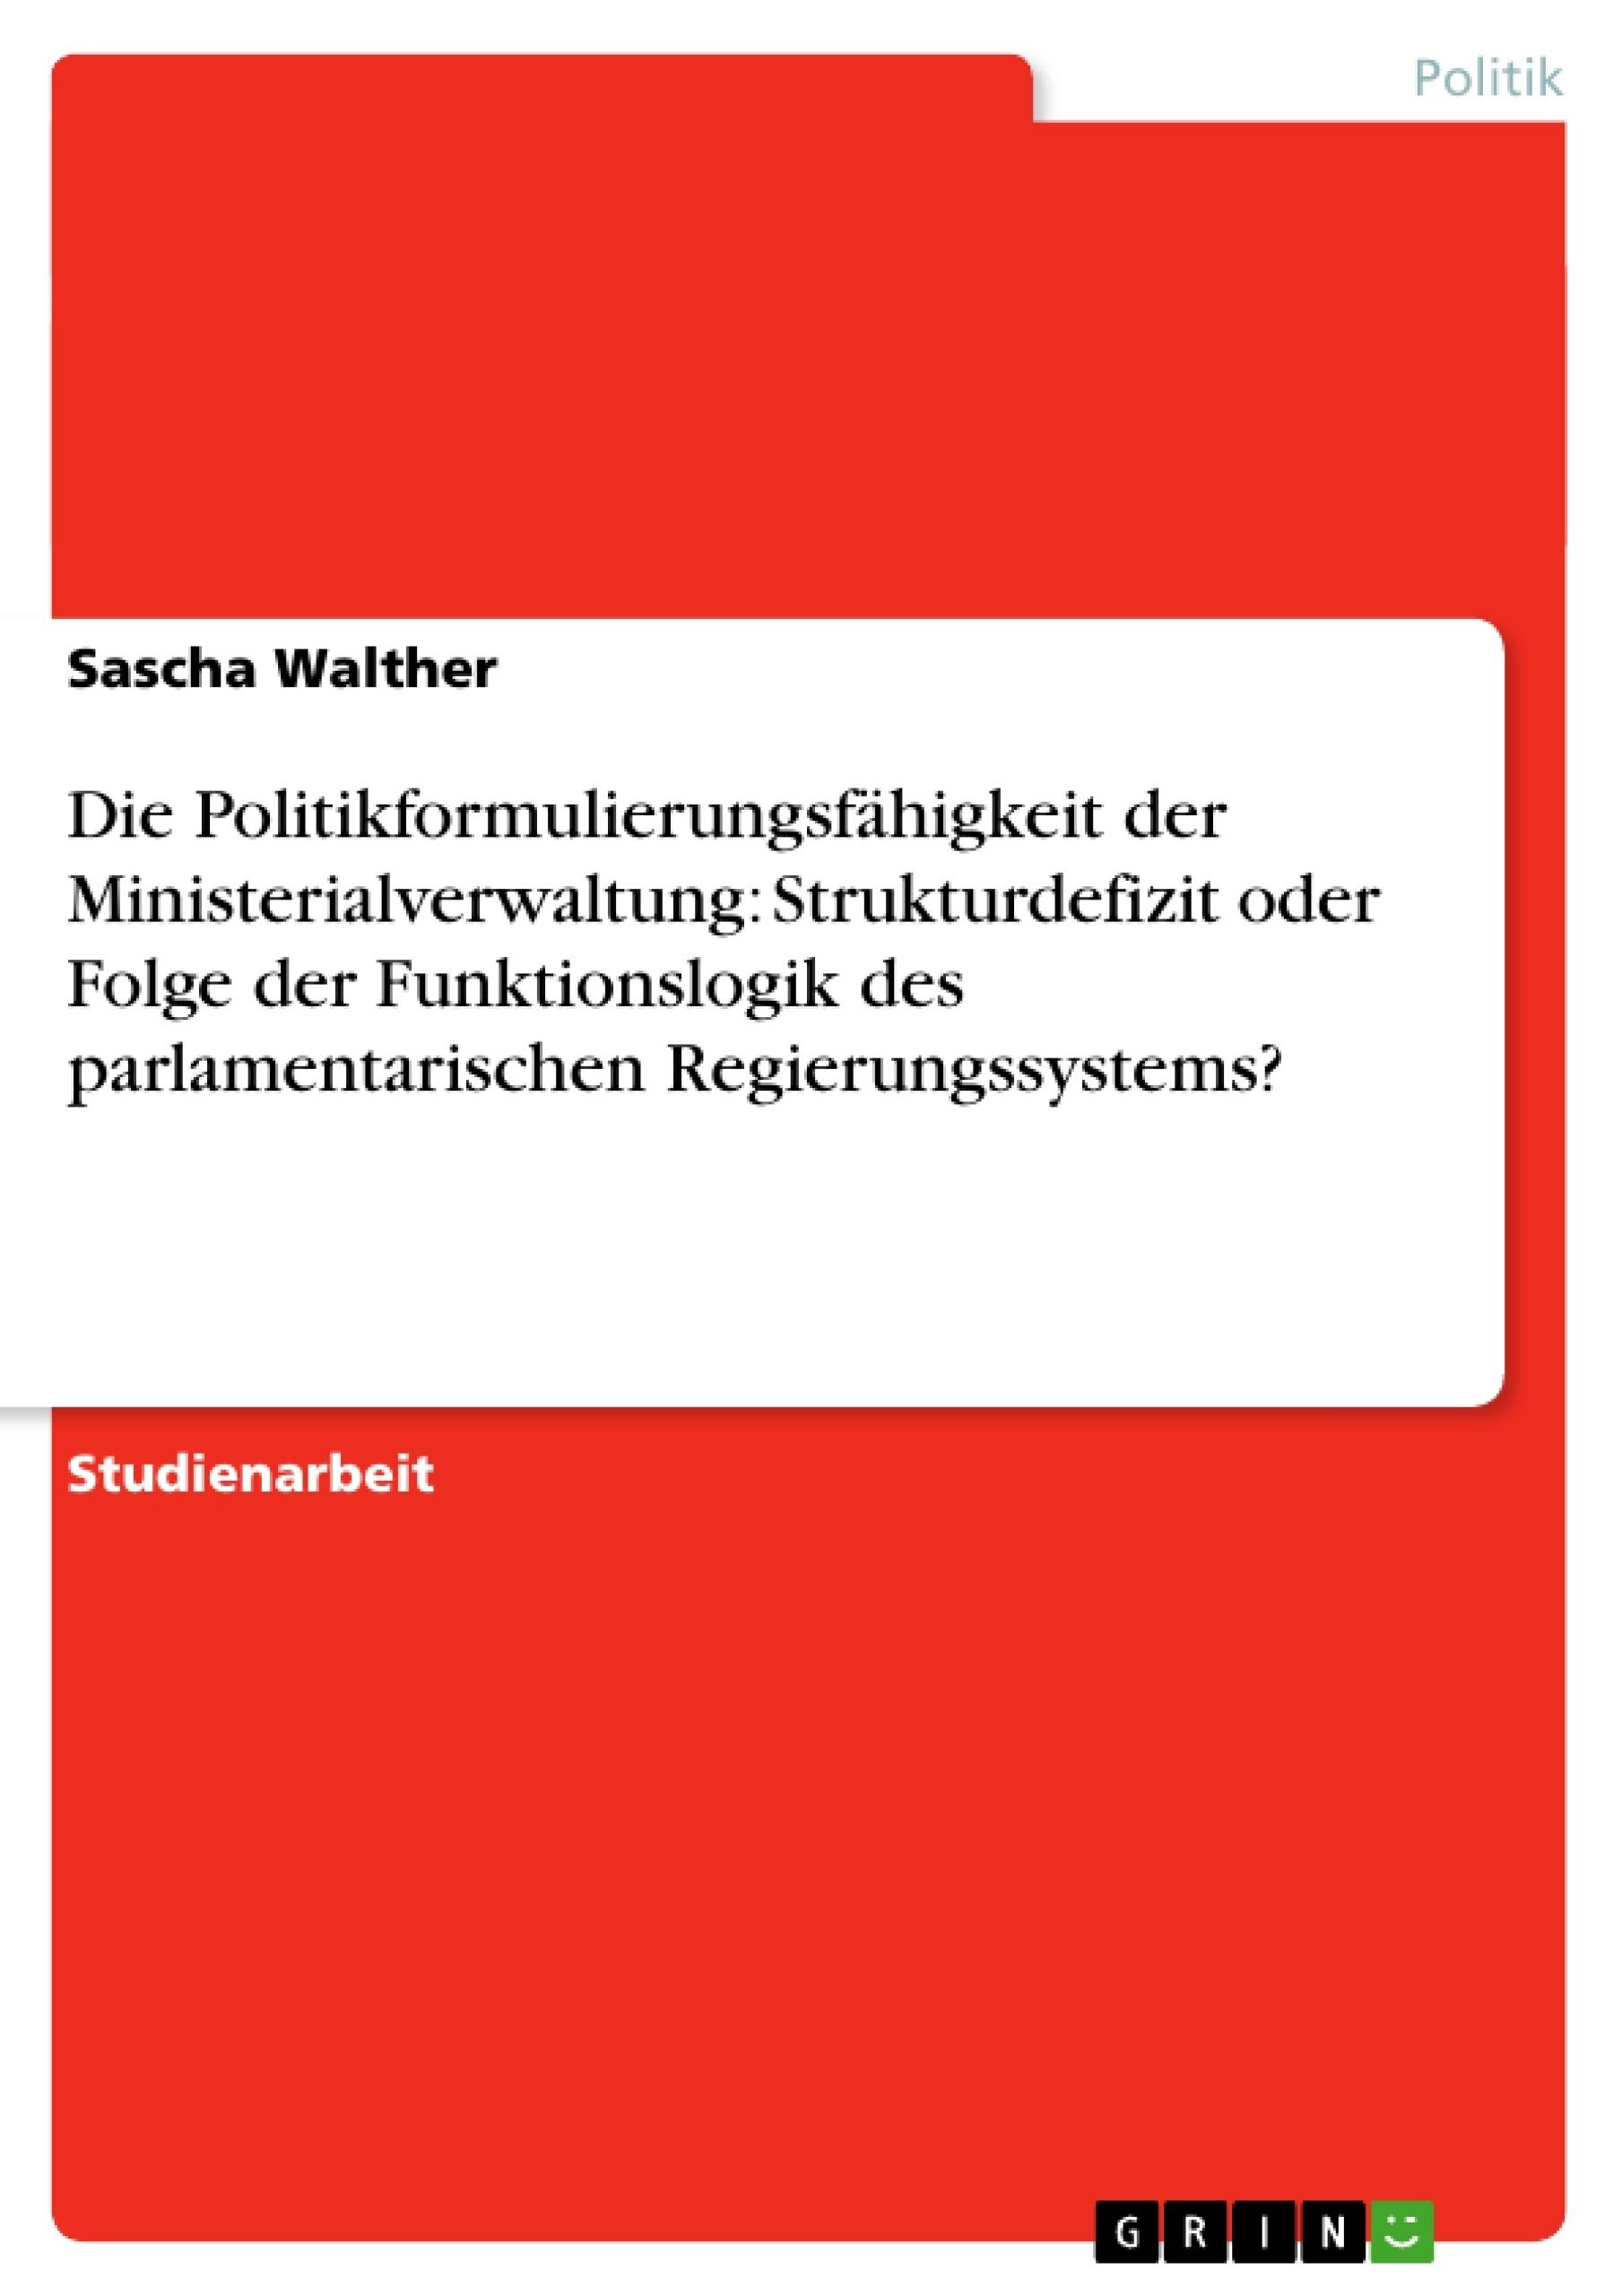 Titel: Die Politikformulierungsfähigkeit der Ministerialverwaltung: Strukturdefizit oder Folge der Funktionslogik des parlamentarischen Regierungssystems?